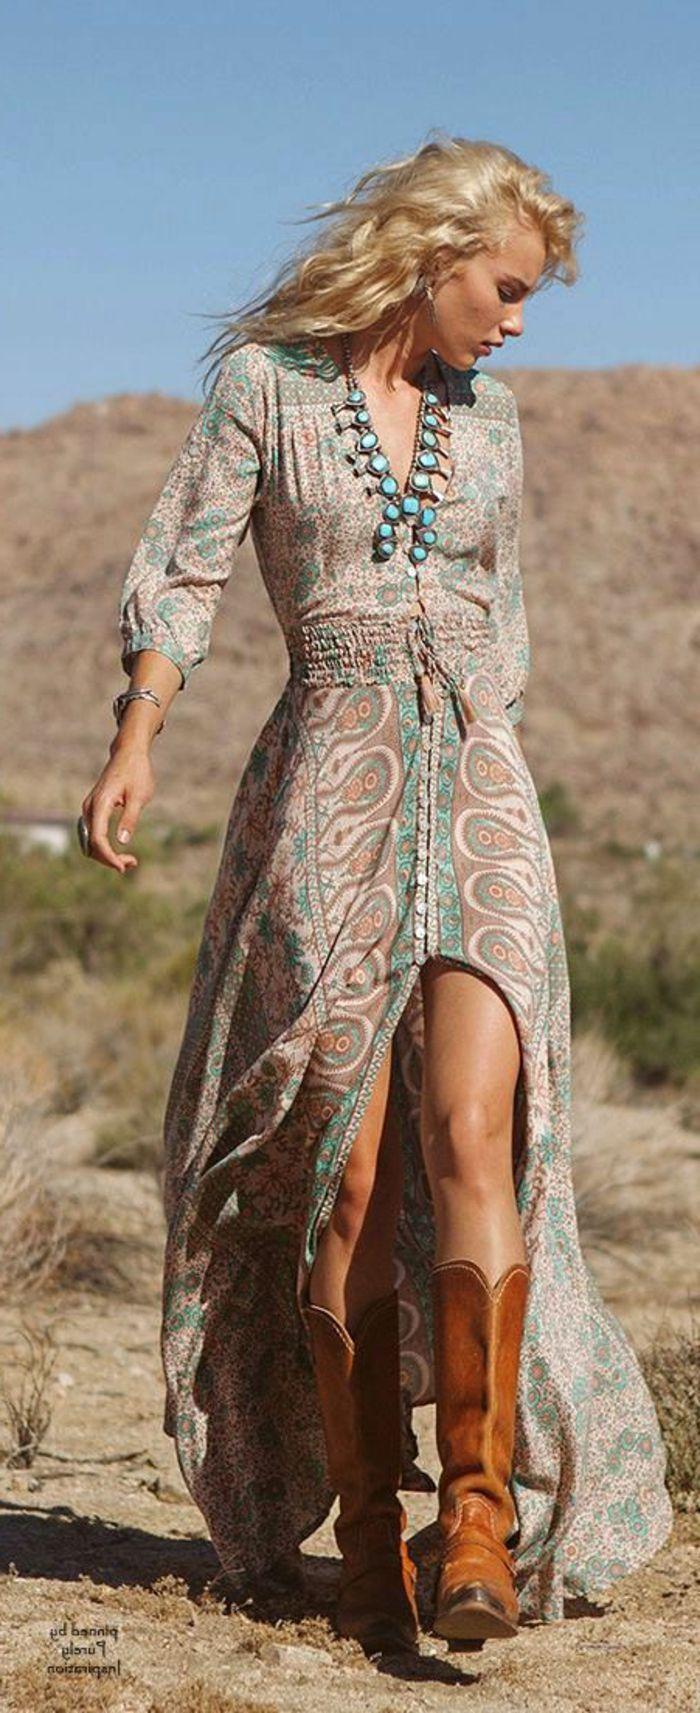 Das Boho Kleid als Ausdruck eine freien Geistes